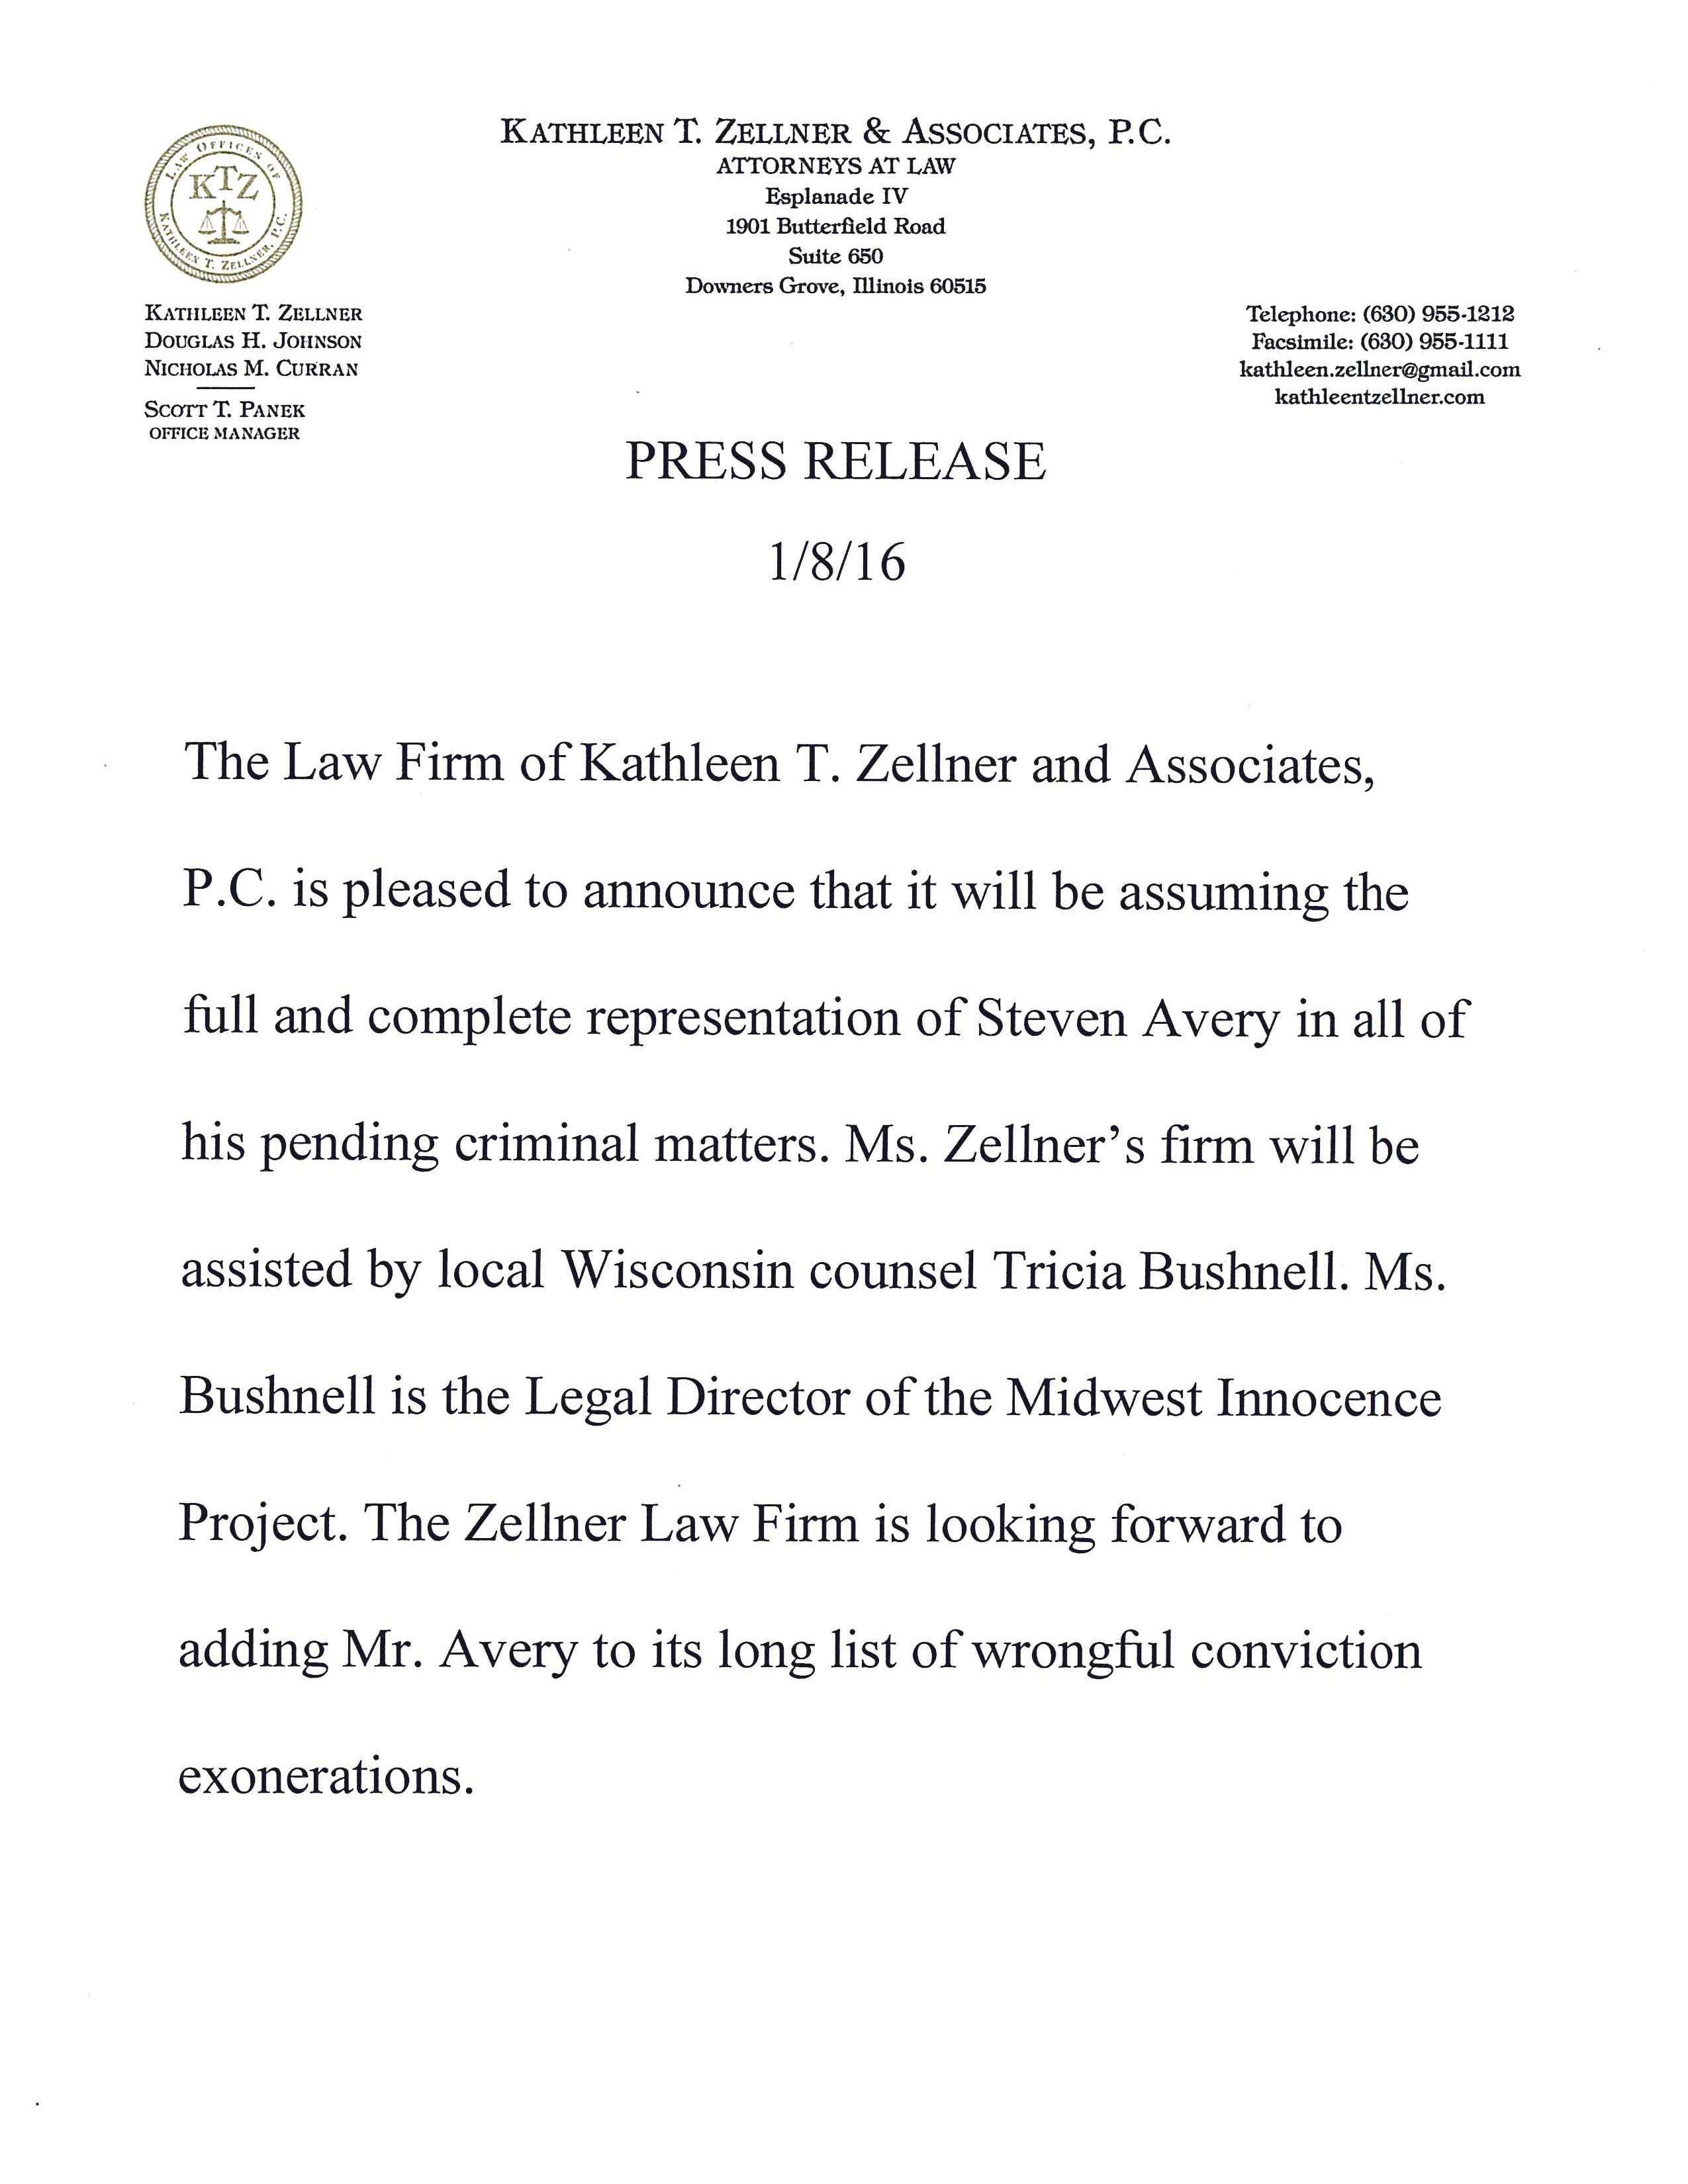 Zellner Press Release